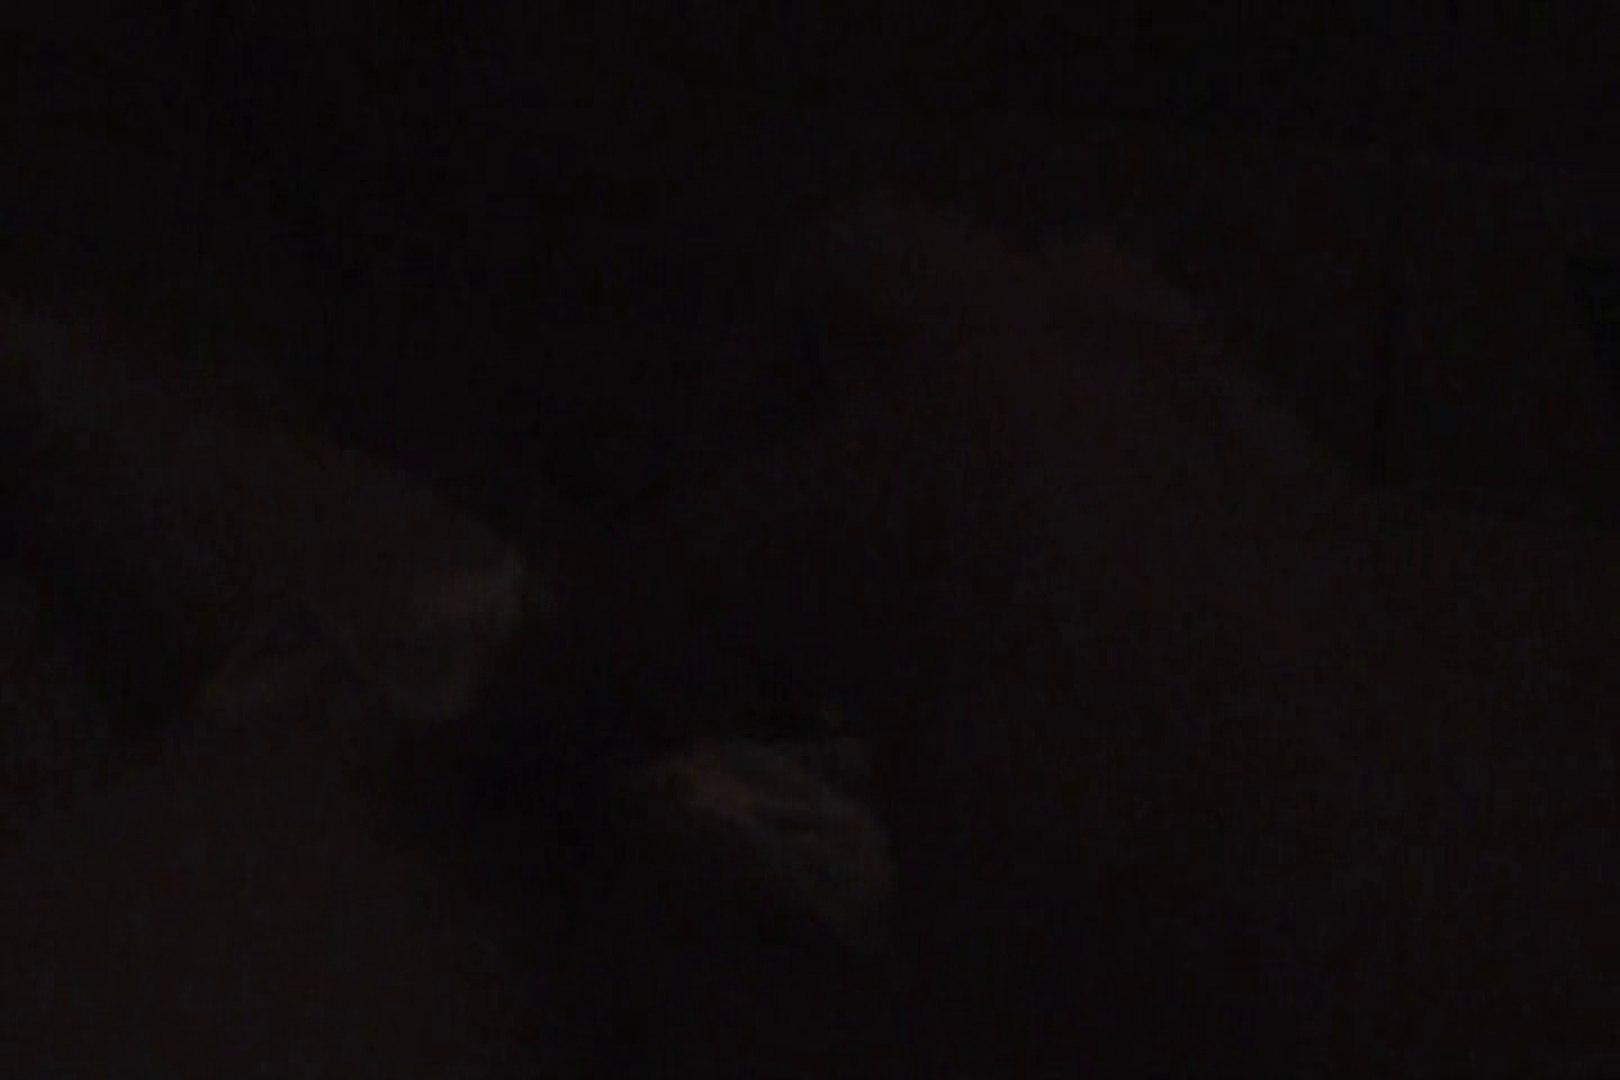 独占配信! ●罪証拠DVD 起きません! vol.07 無修正オマンコ エロ画像 77画像 18